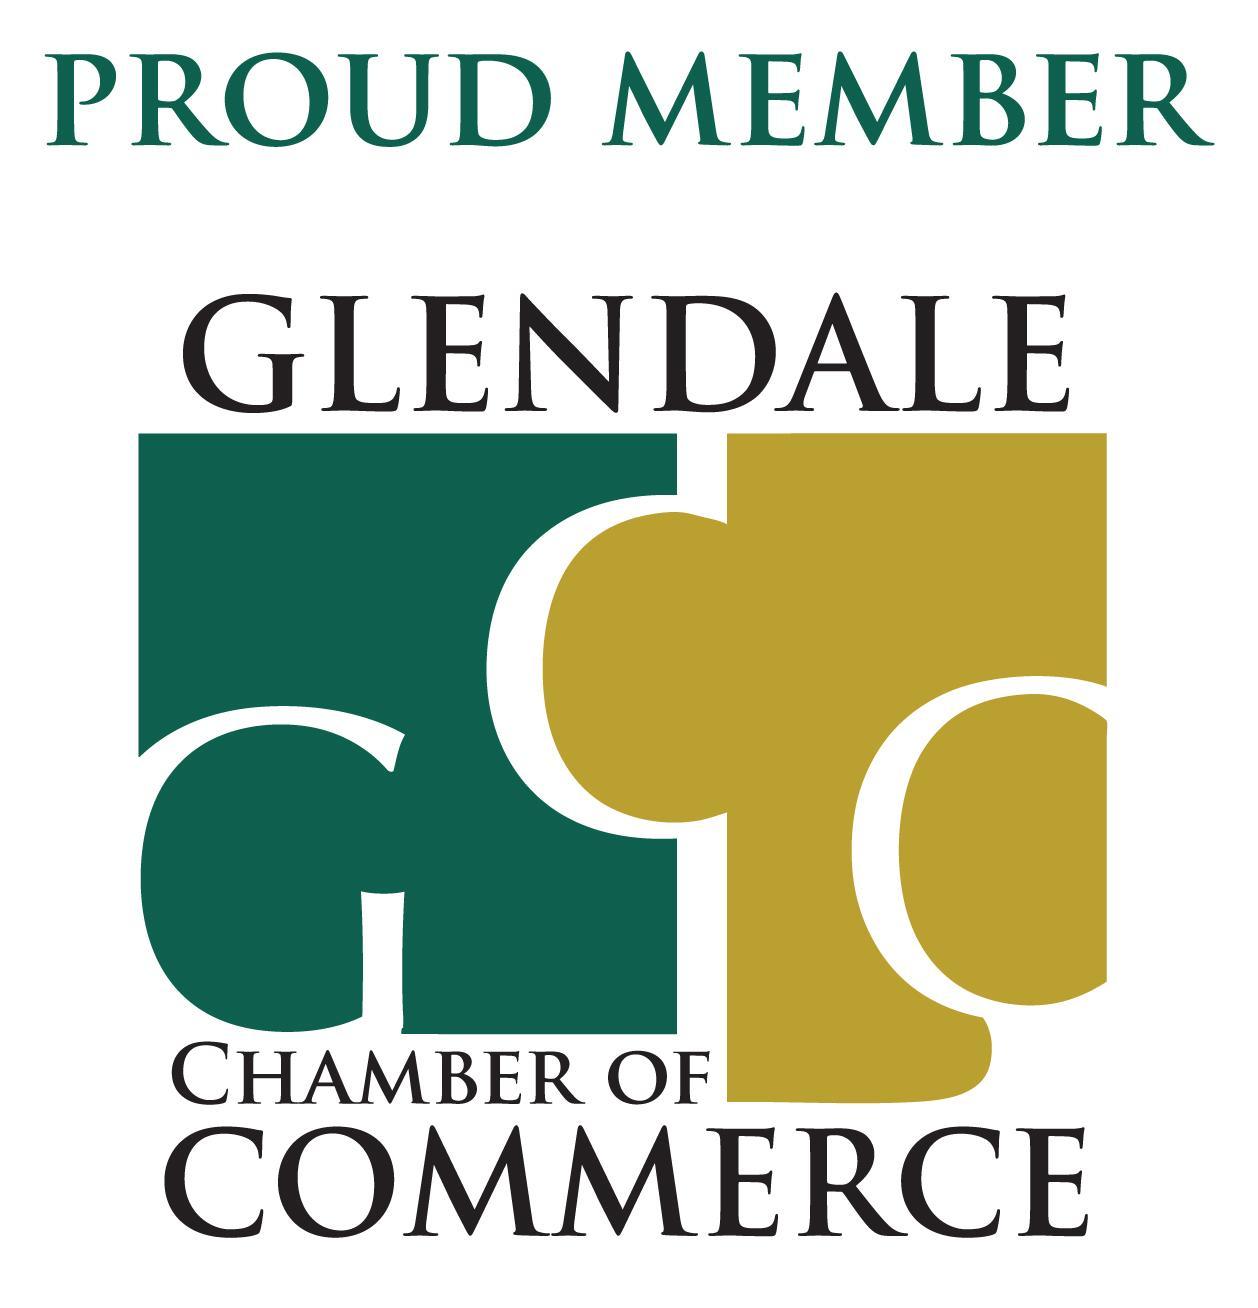 Glendale Chamber of Commerce Proud Member Logo